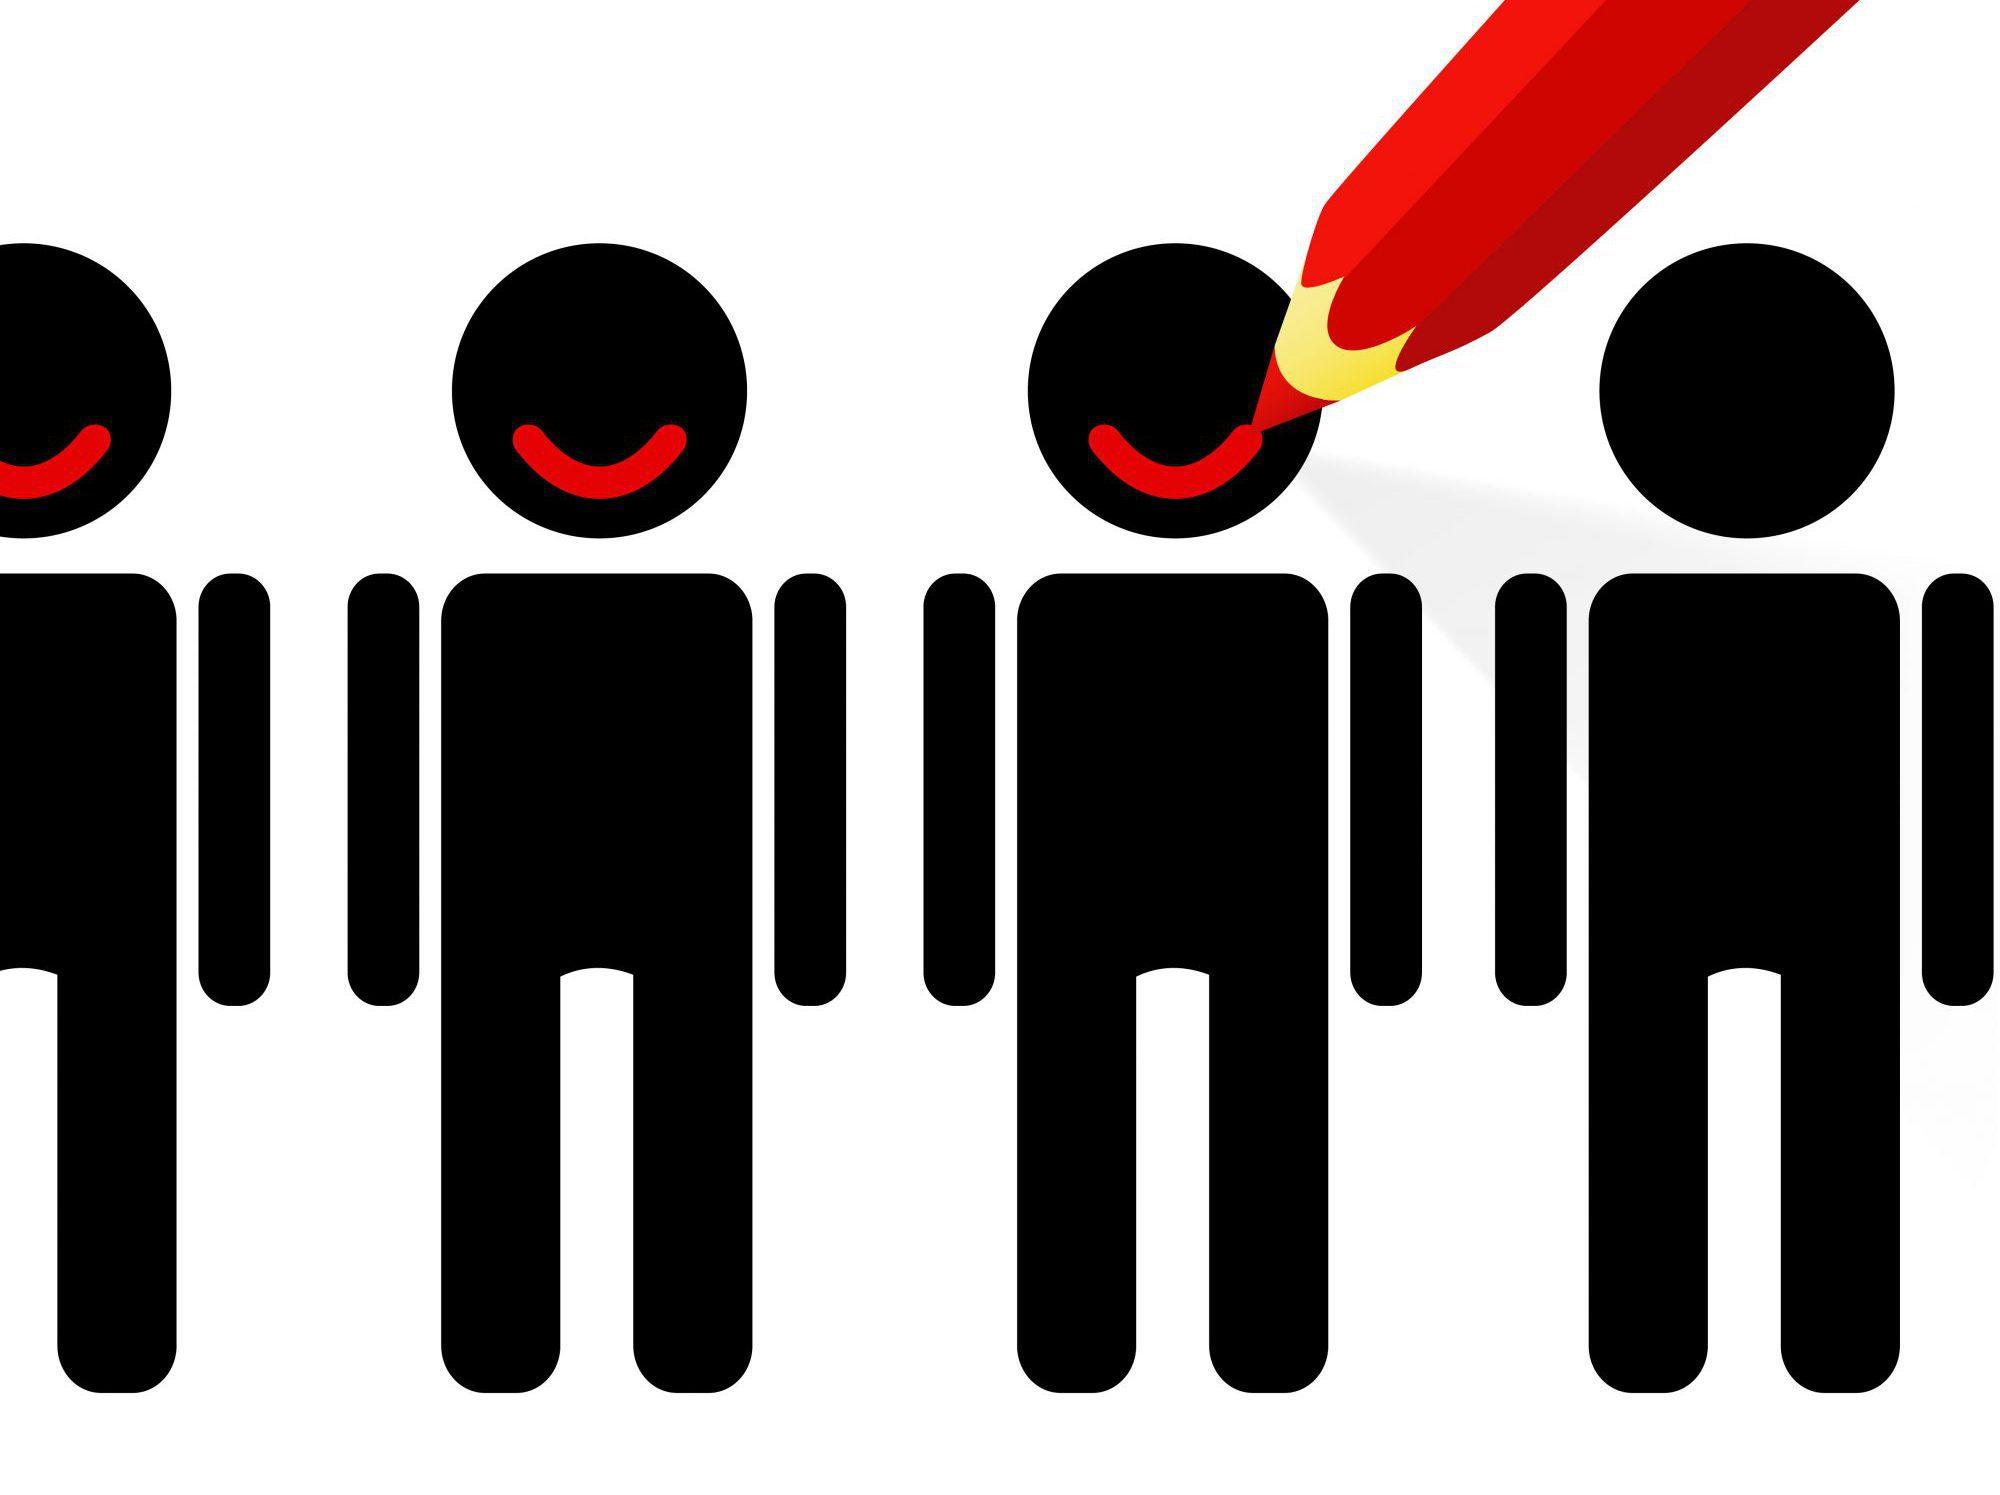 Fidelizzazione - Interazione - Customer engagement Imc